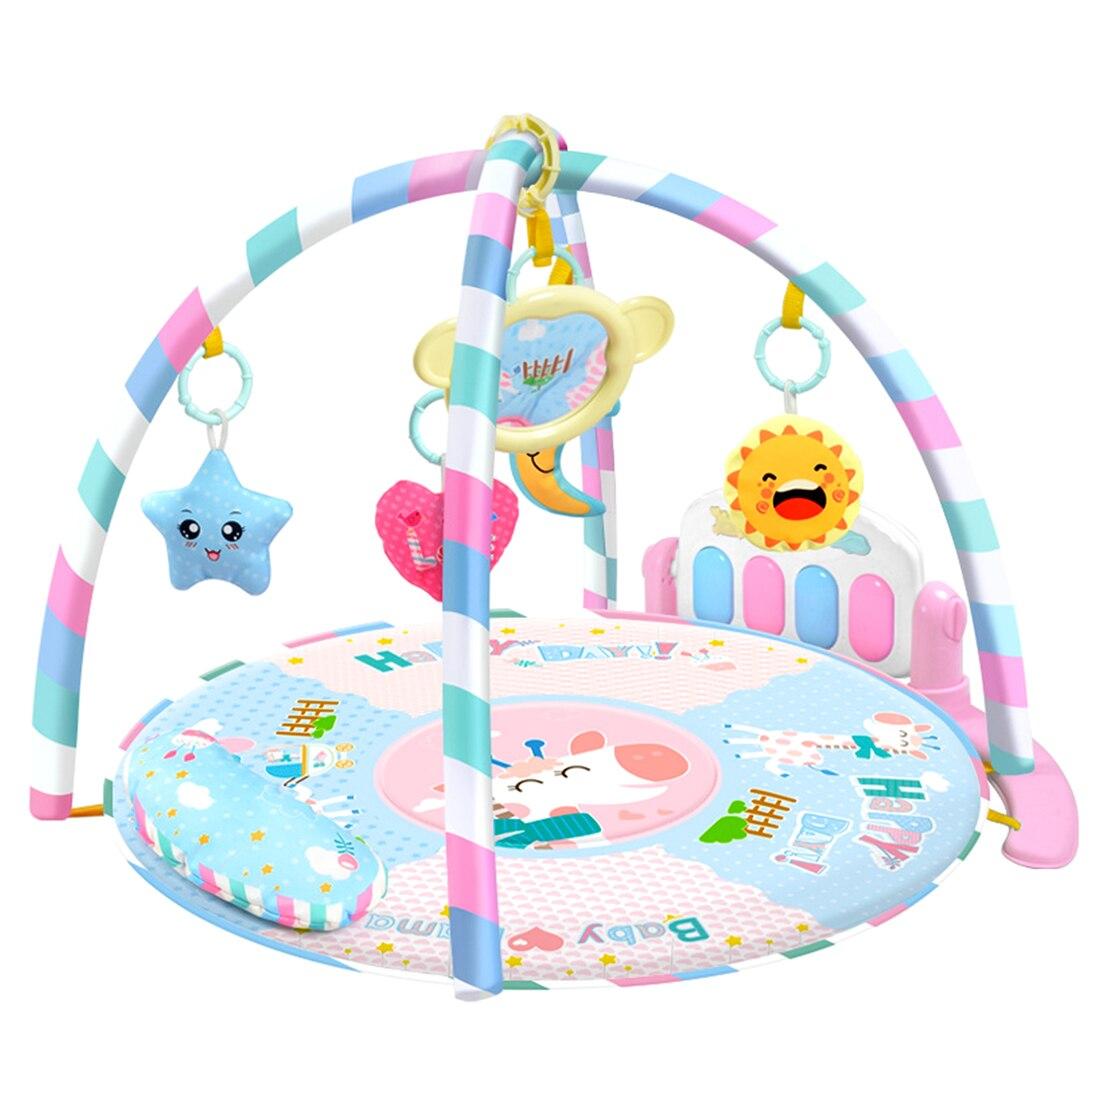 Rowsfire RC tapis de jeu activité Fitness tapis Musical Piano jeu jouets avec lumière pour bébé infantile jouer